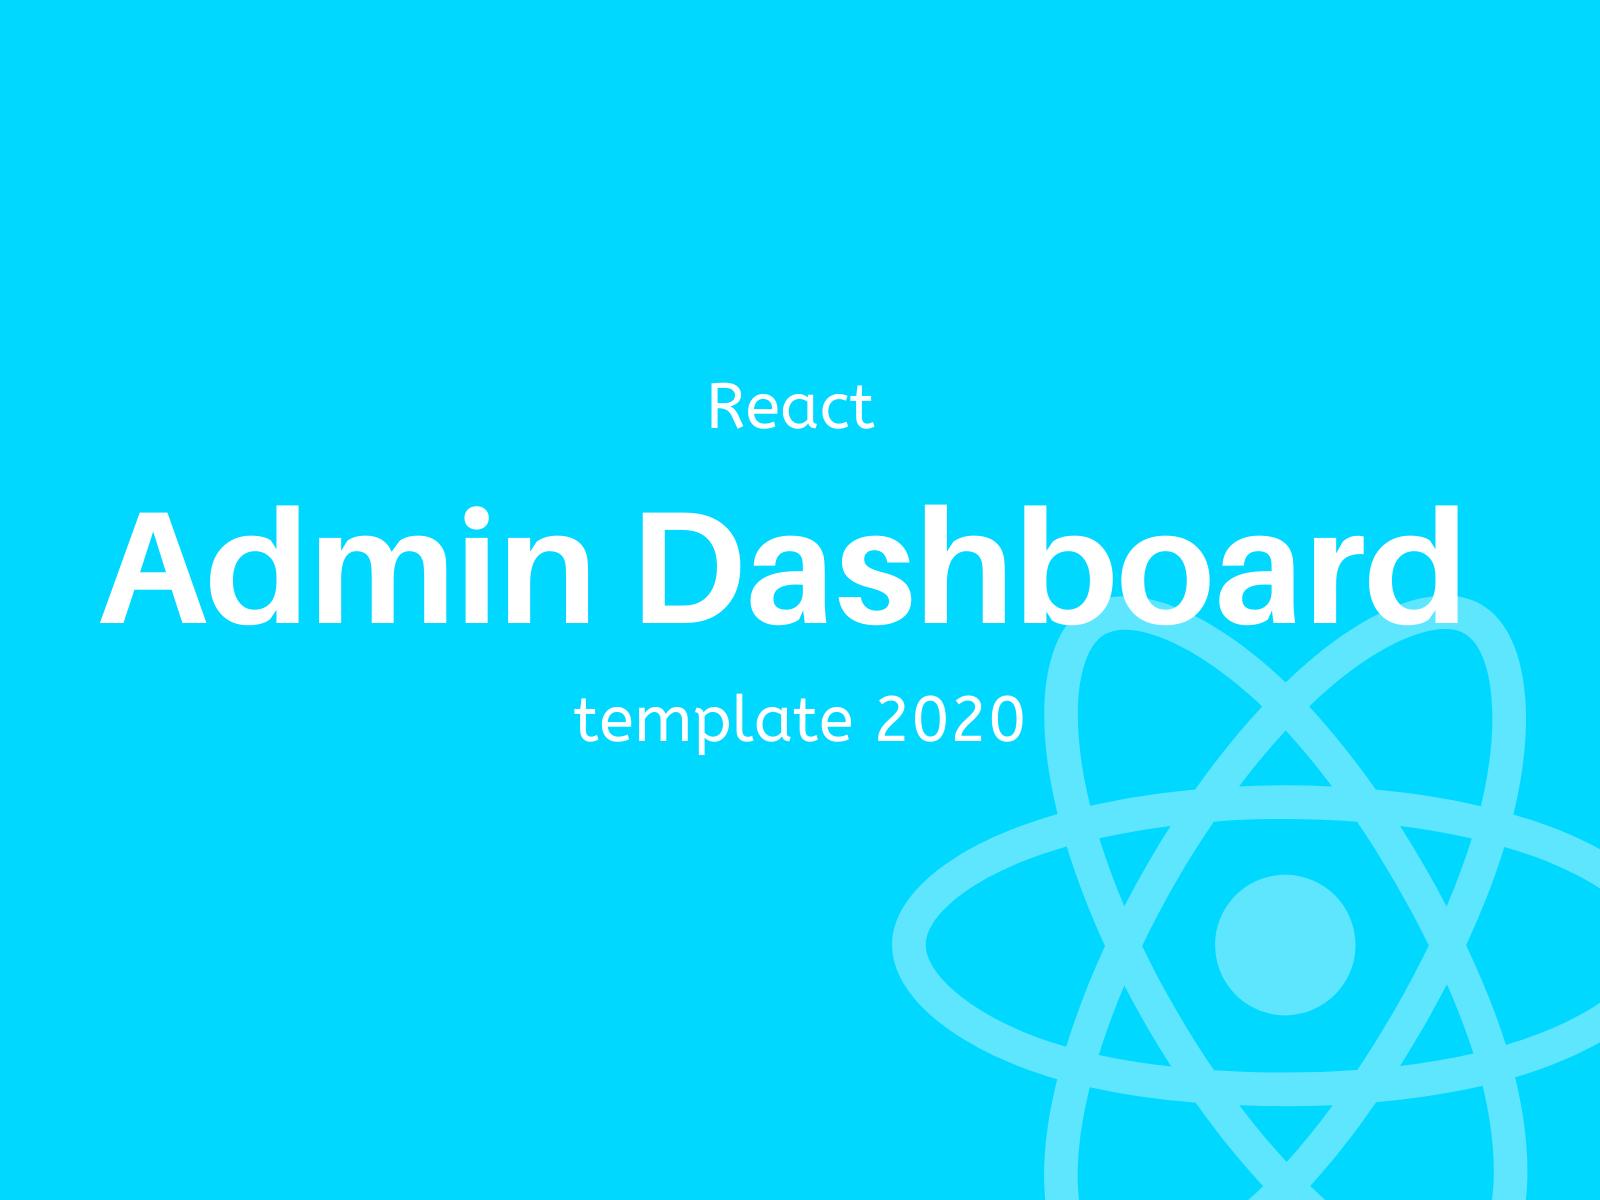 Best react admin dashboard